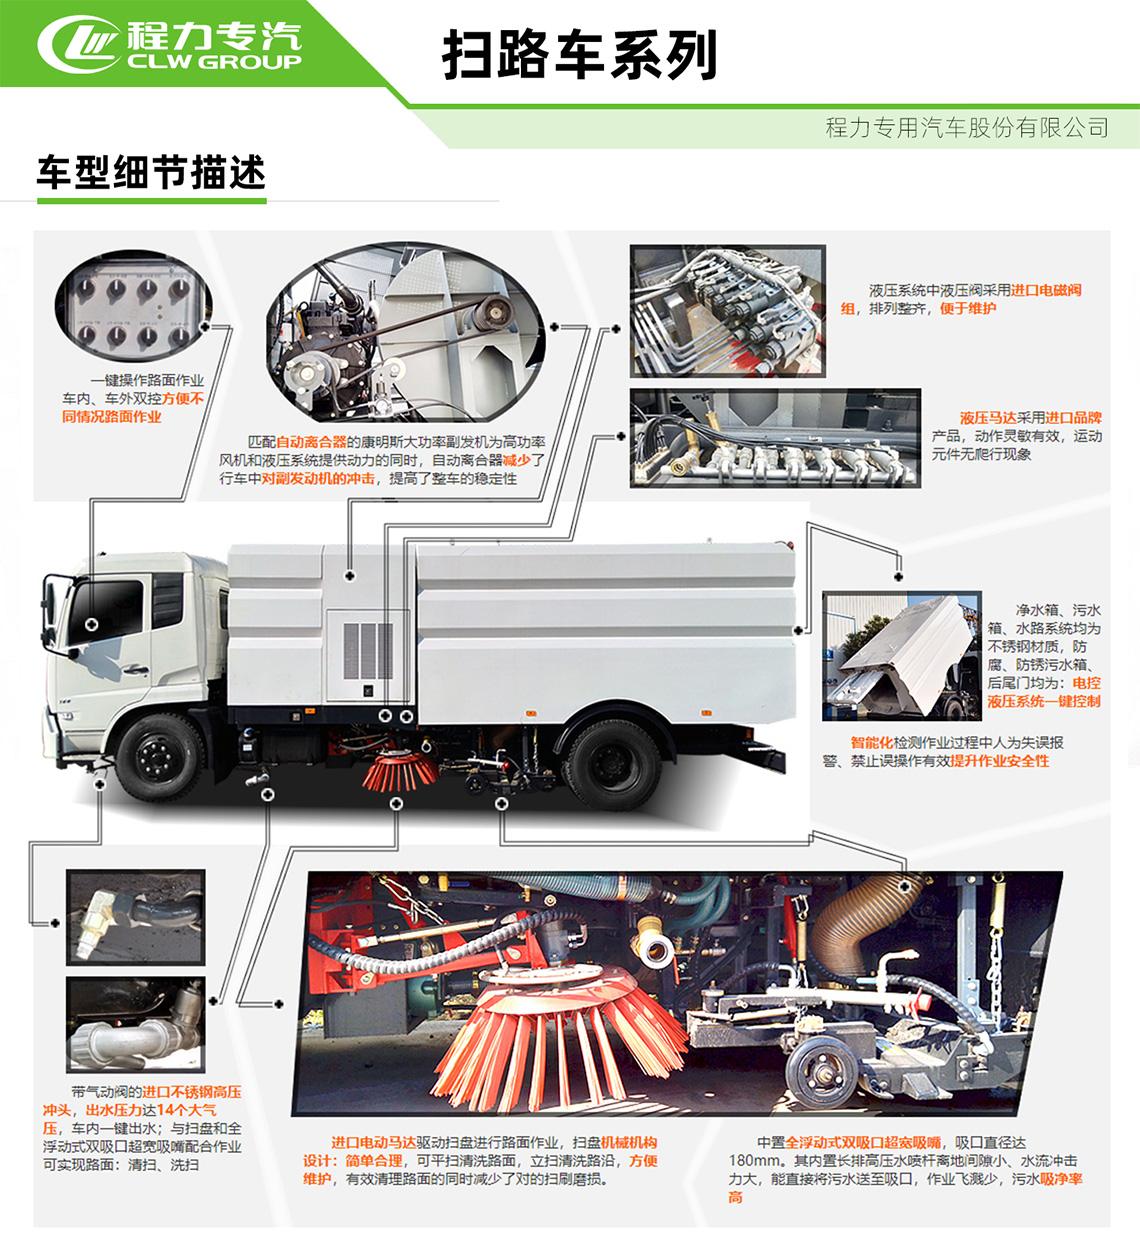 扫路车车型细节描述图